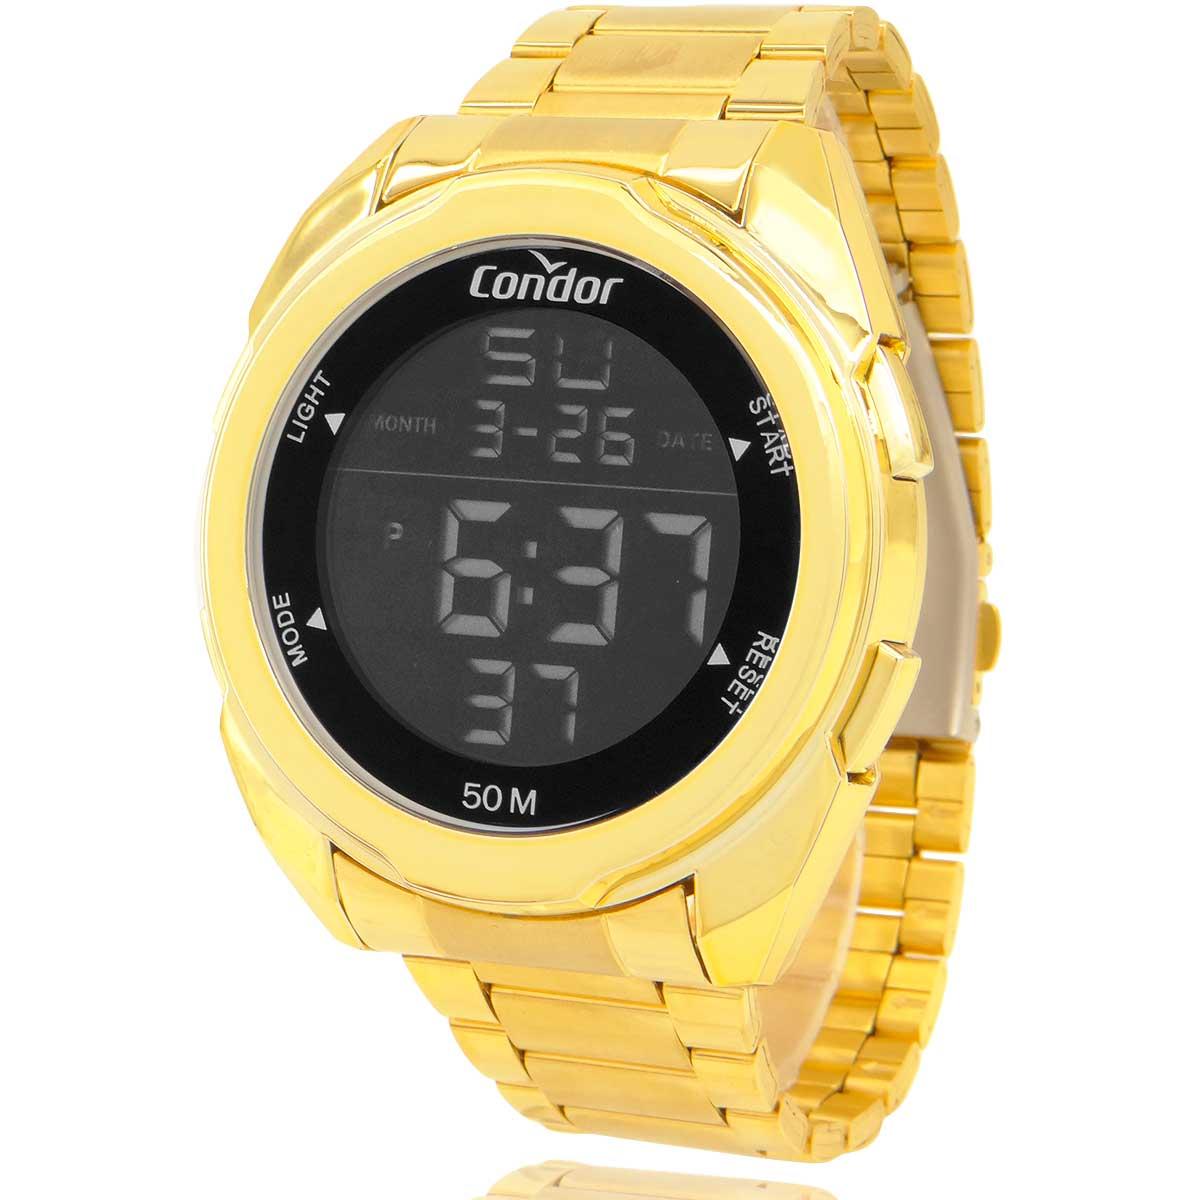 Relógio Digital Masculino Condor Dourado COBJK006AB7D com Carteira Lebrave Brinde